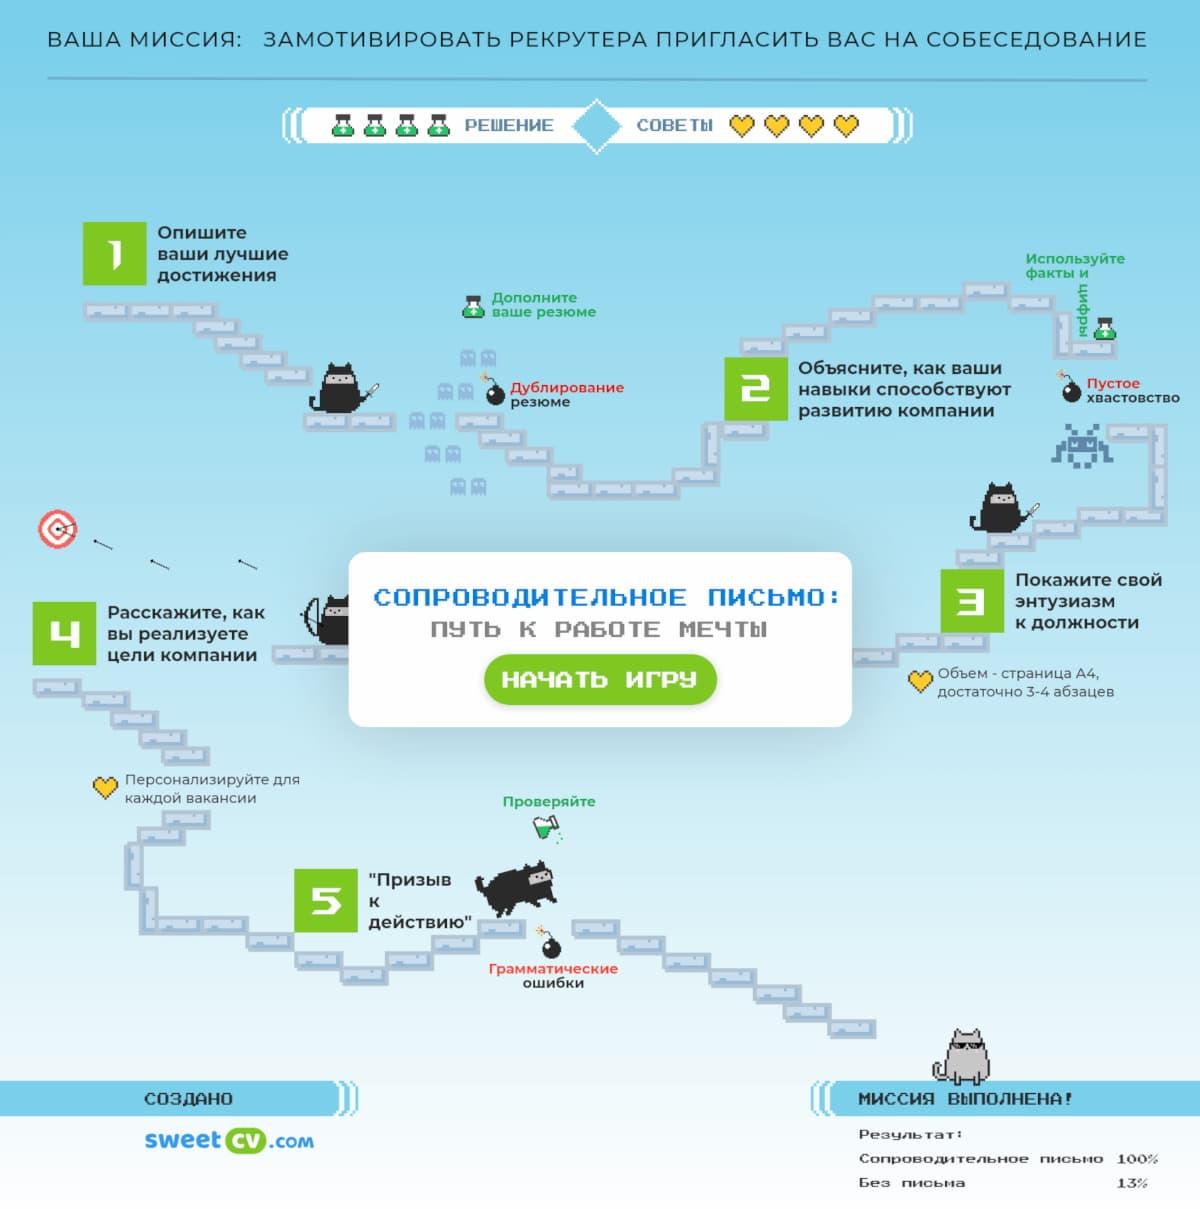 Инфографика-игра: создавайте лучшее сопроводительное письмо со SweetCV